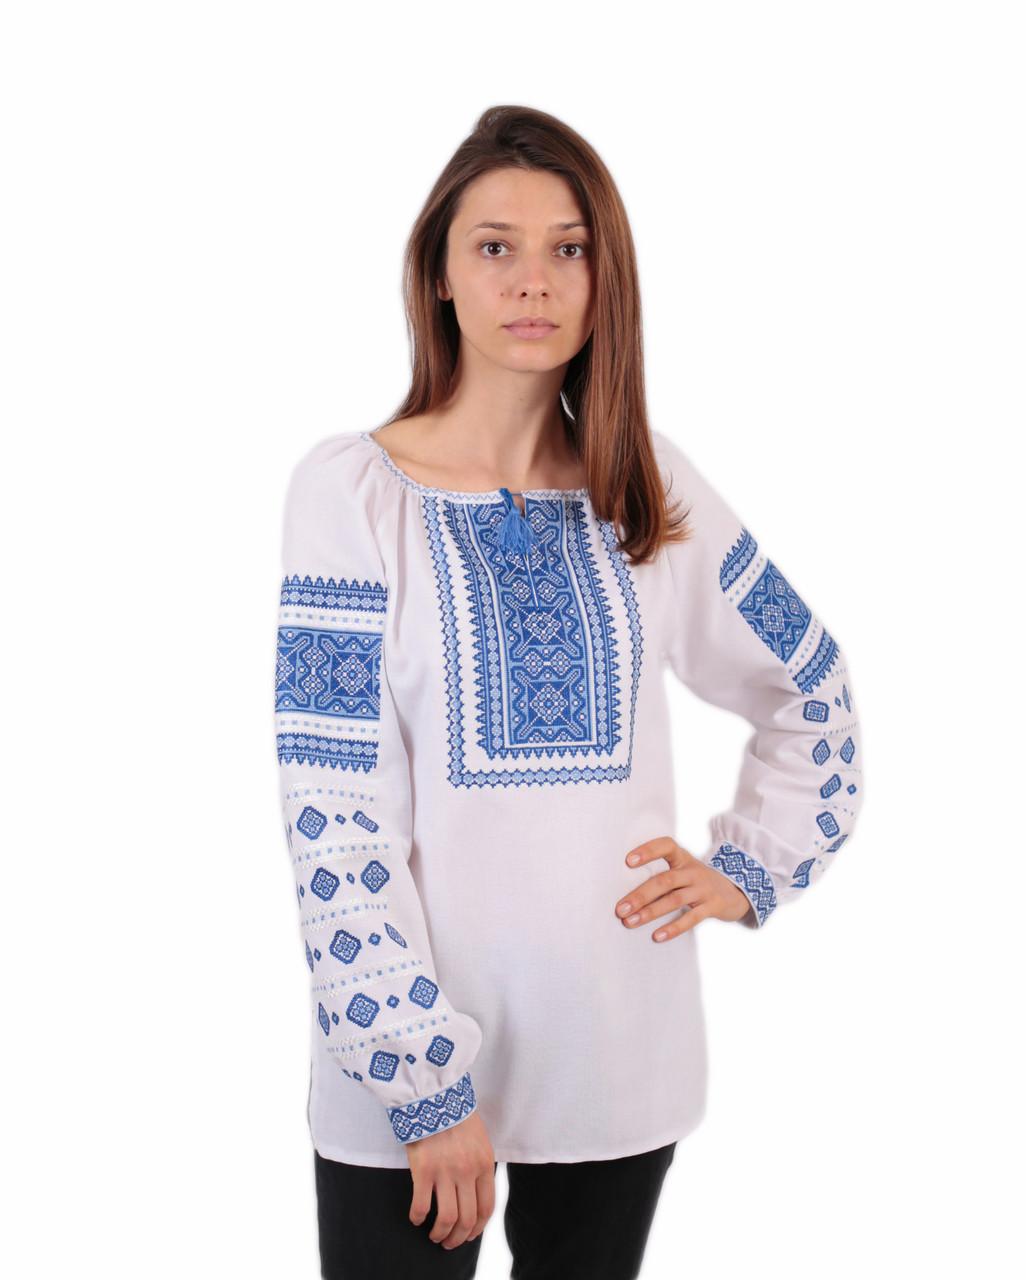 Жіноча вишиванка з голубим орнаментом з машинною вишивкою недорого ... 8fdbf34964516